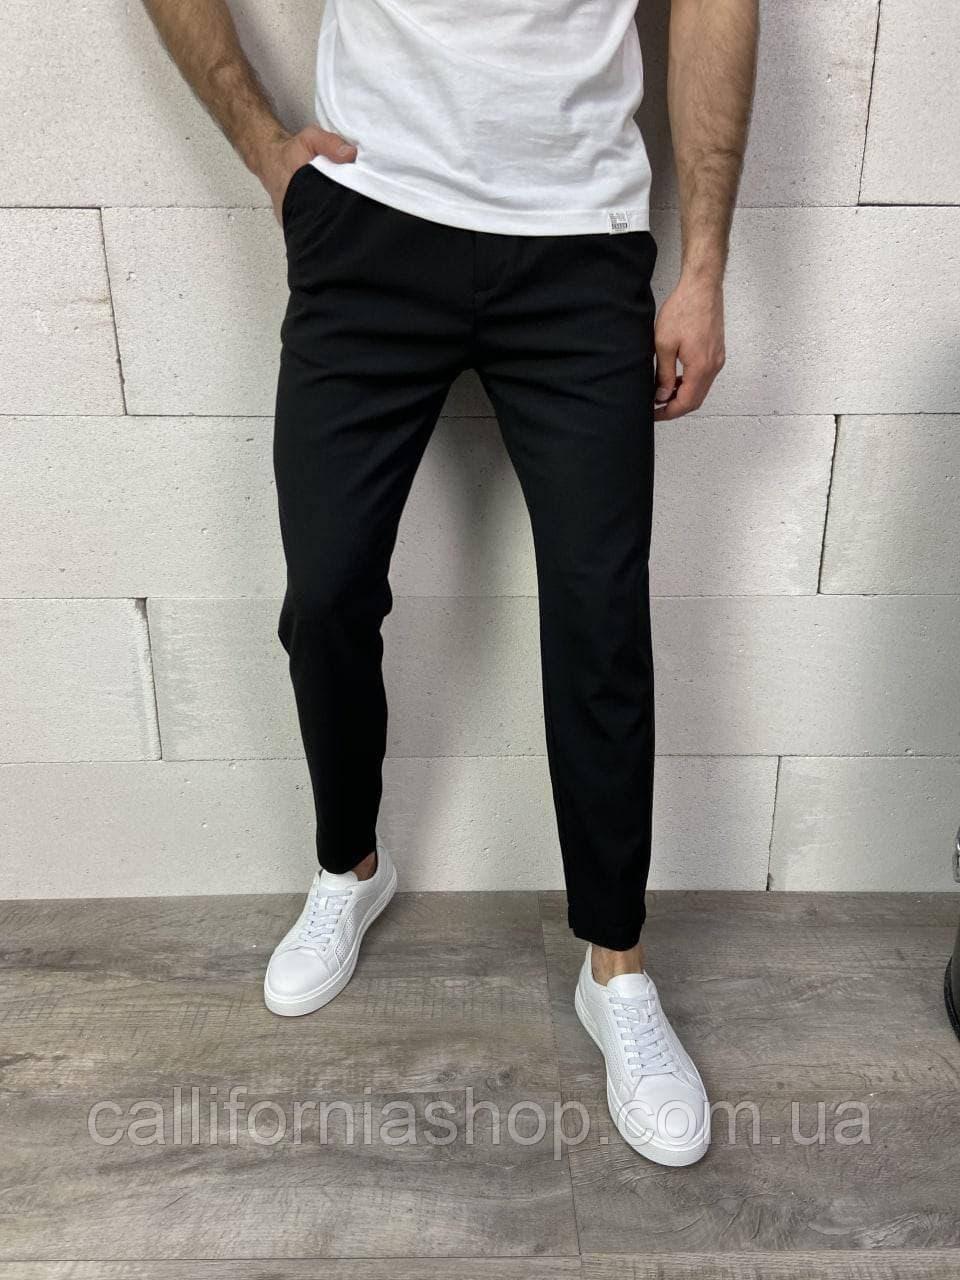 Чоловічі чорні штани штани чінос